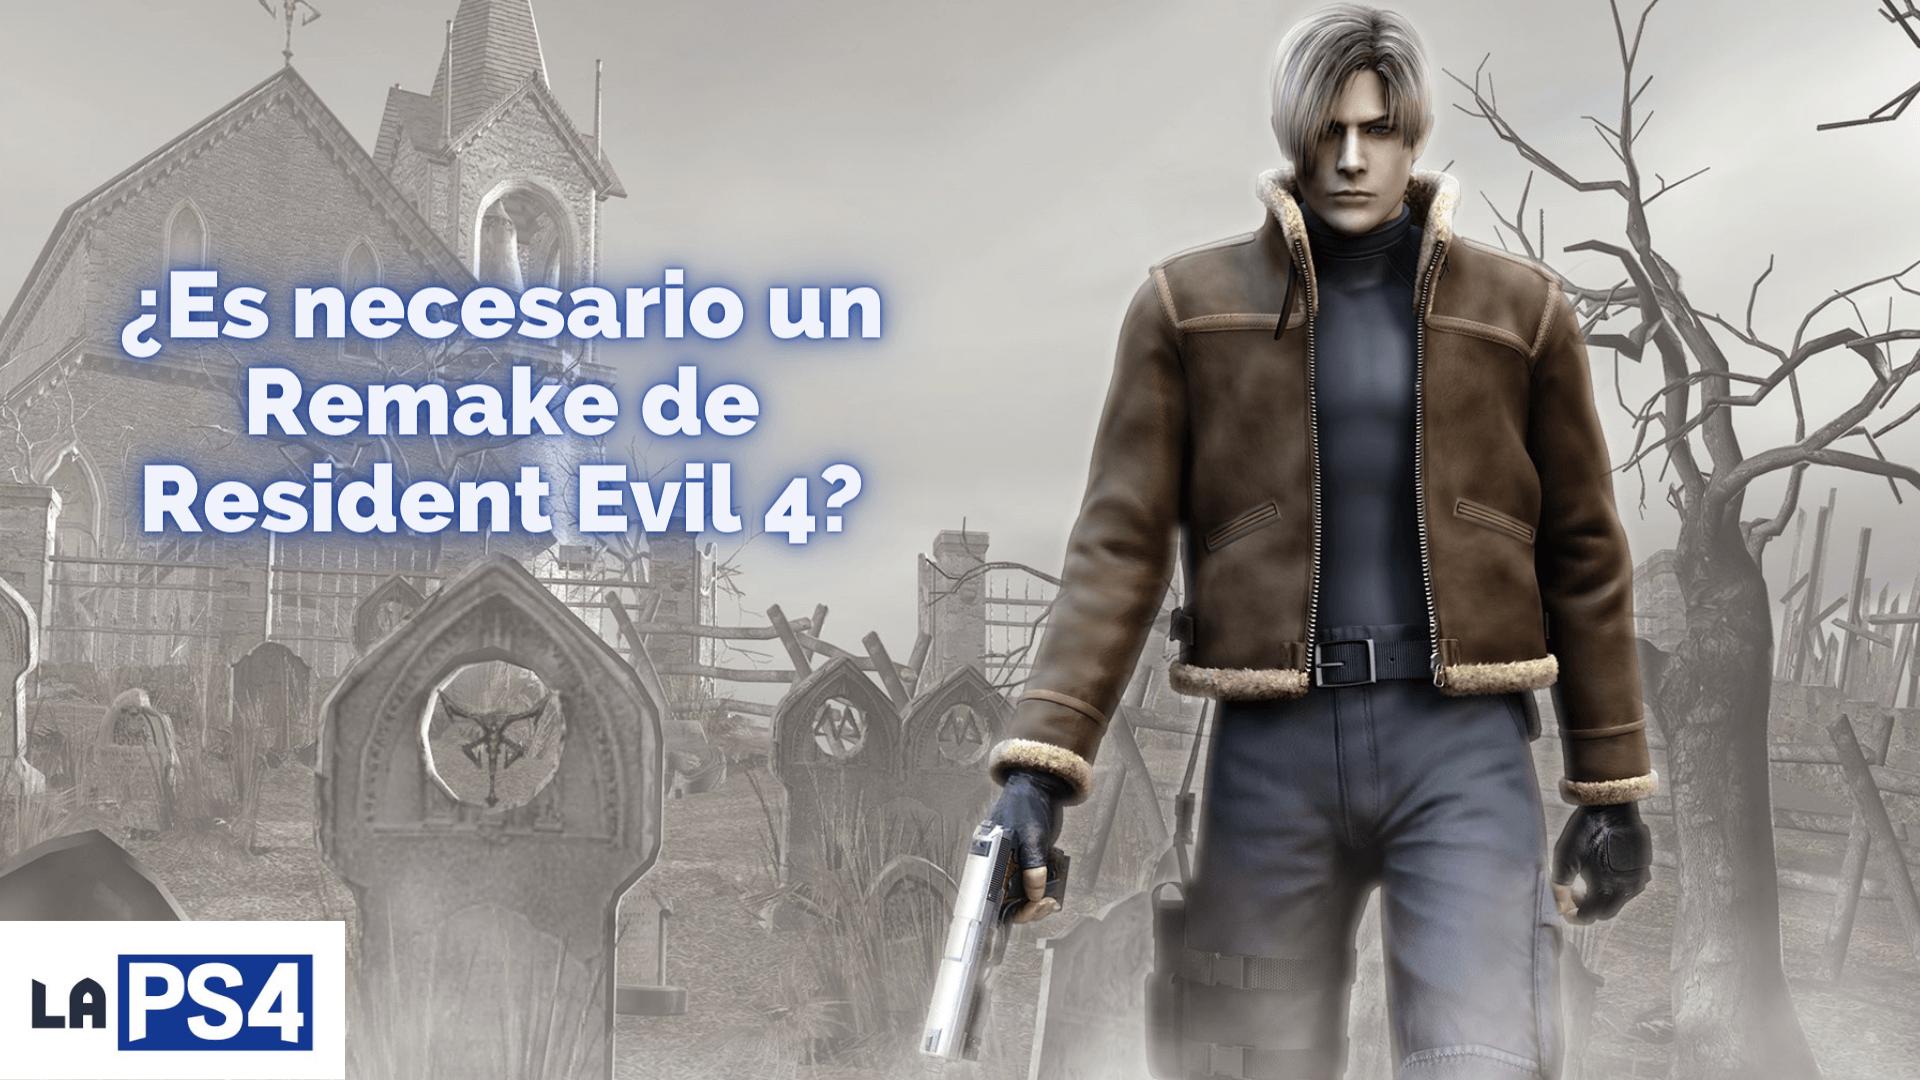 Opinión | Resident Evil 4: ¿Es realmente necesario un remake?